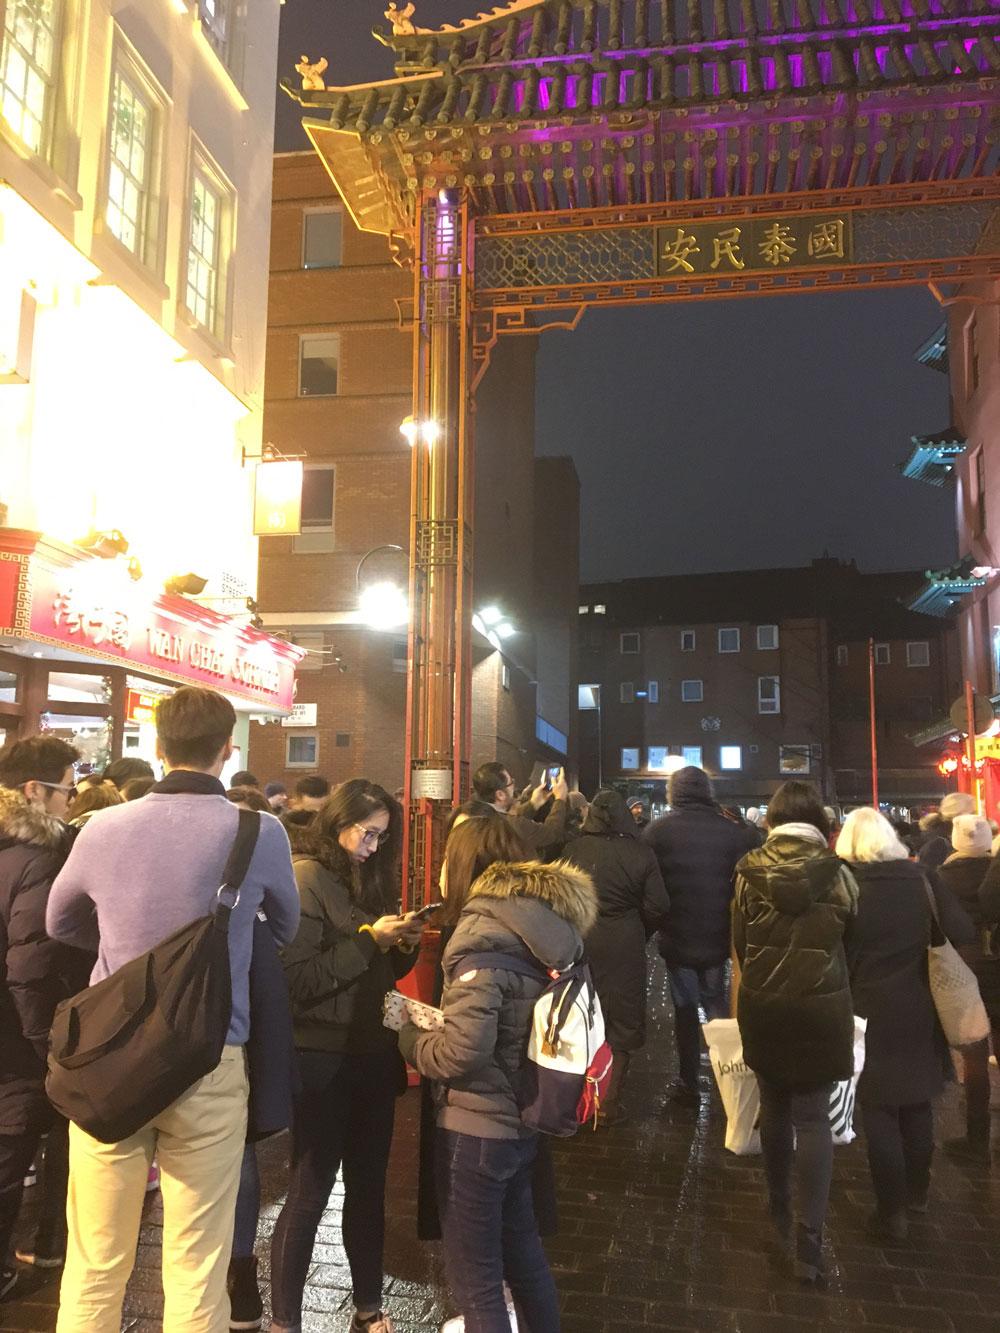 中国「一帯一路」が英国の国家事業に触手を伸ばす思惑